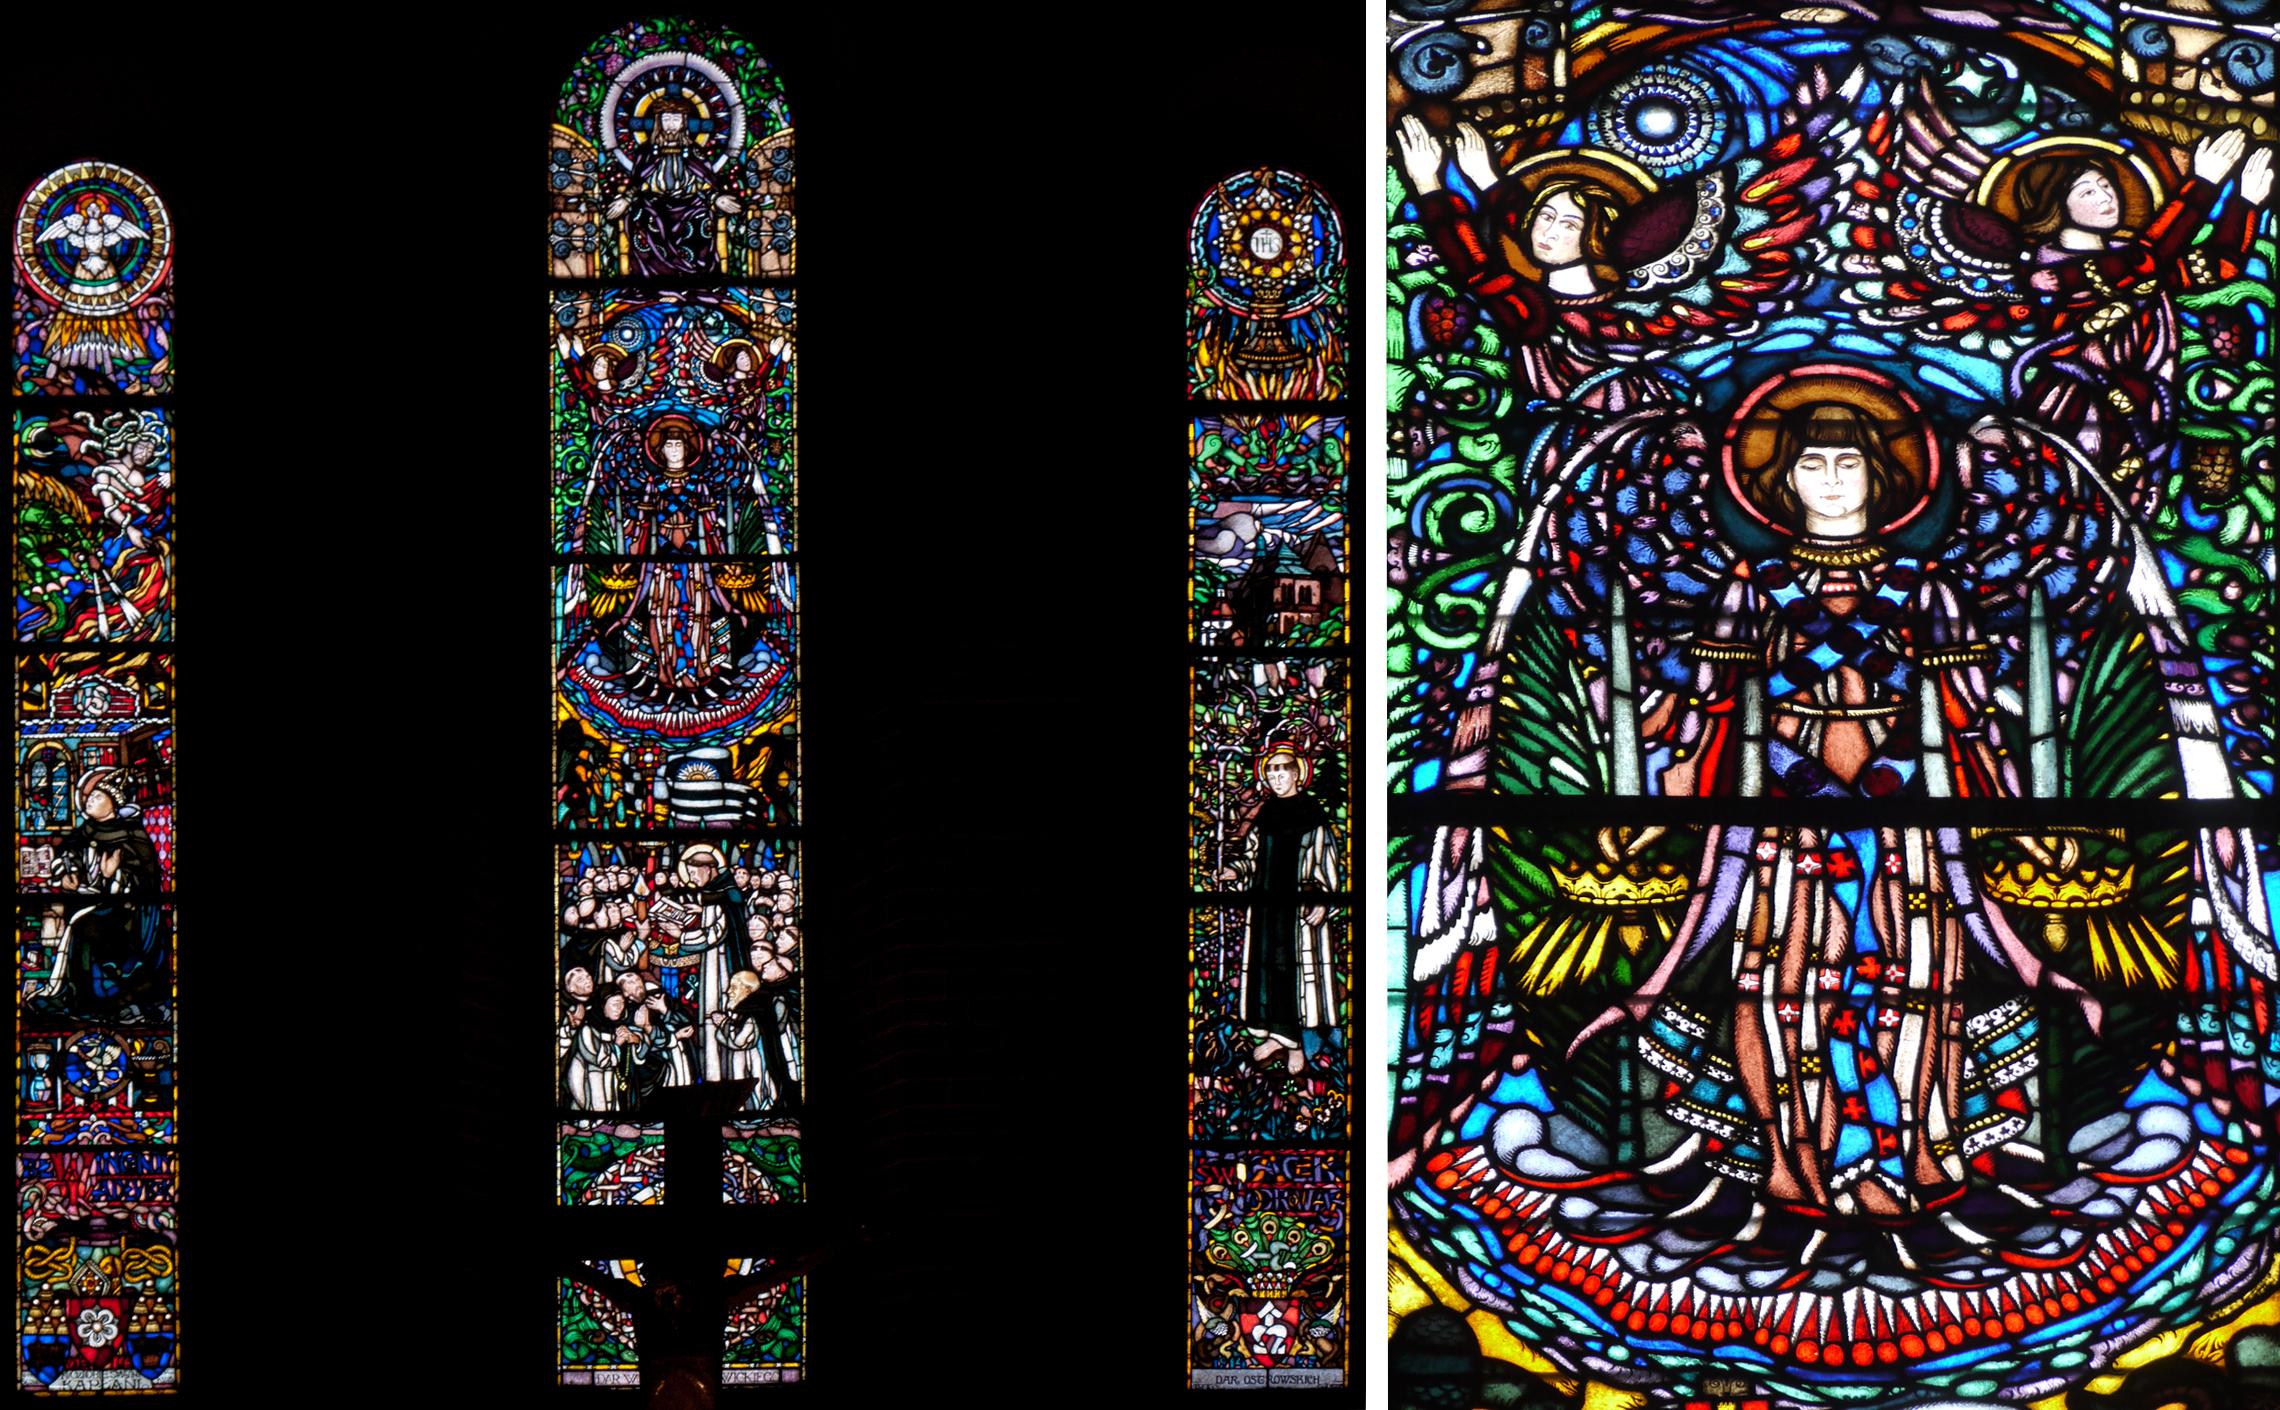 St. Jacobus,Sandomierz, chancel windows by Frycz, made in Krakow by the firm of Gabriel Zelenski in 1914.